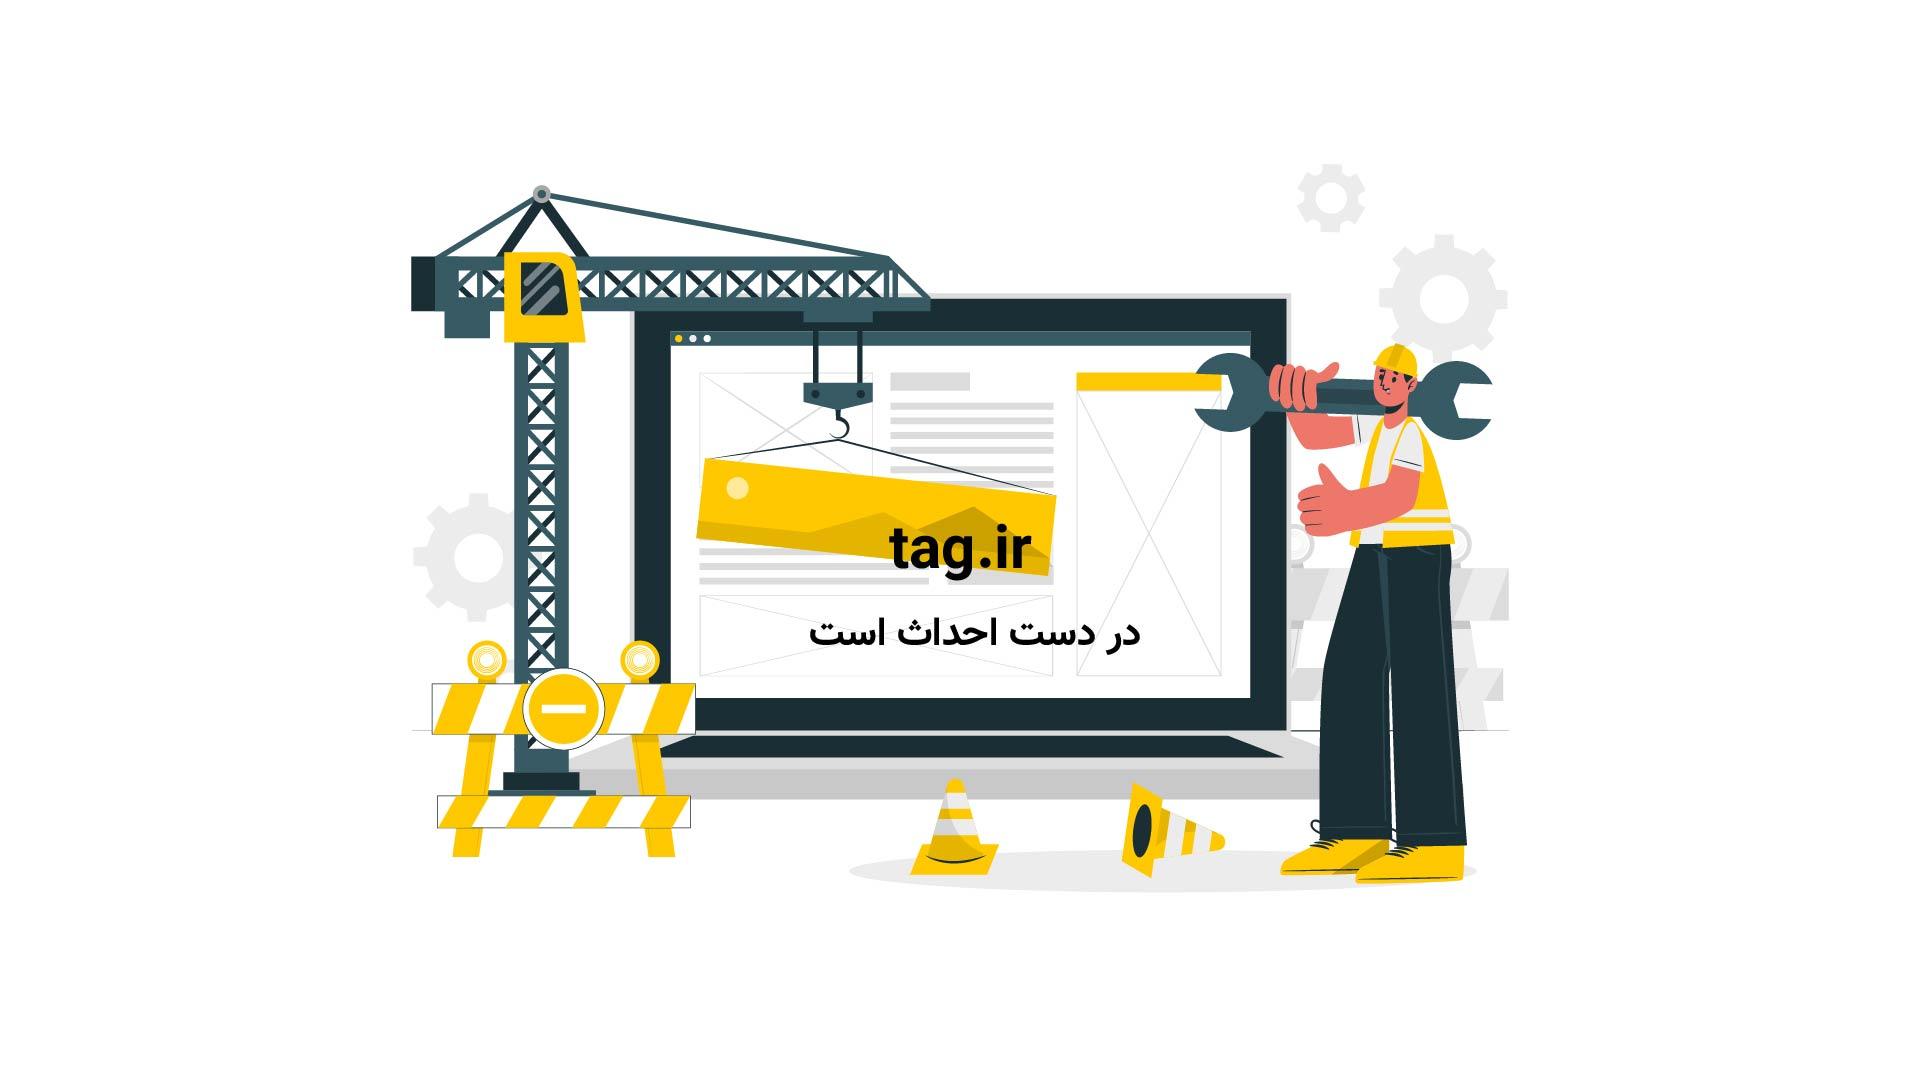 تخم مرغ رنگی عید | تگ